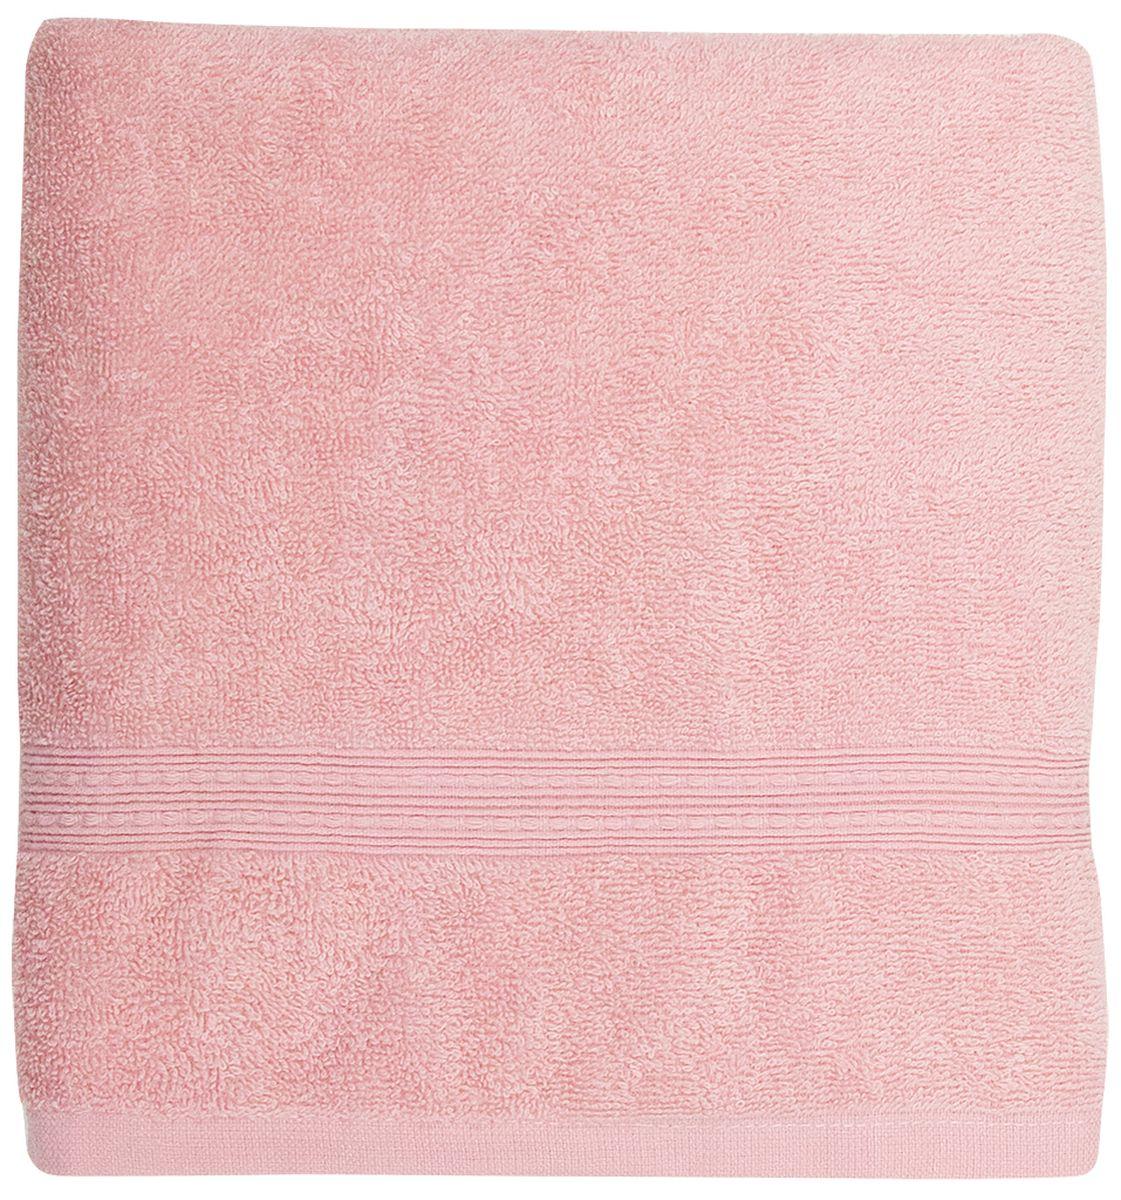 """Банное полотенце Bonita """"Classic"""" выполнено из махровой ткани. Изделие отлично впитывает влагу, быстро сохнет, сохраняет яркость цвета и не теряет форму даже после многократных стирок.  Такое полотенце очень практично и неприхотливо в уходе. Оно создаст прекрасное настроение и украсит интерьер в ванной комнате."""